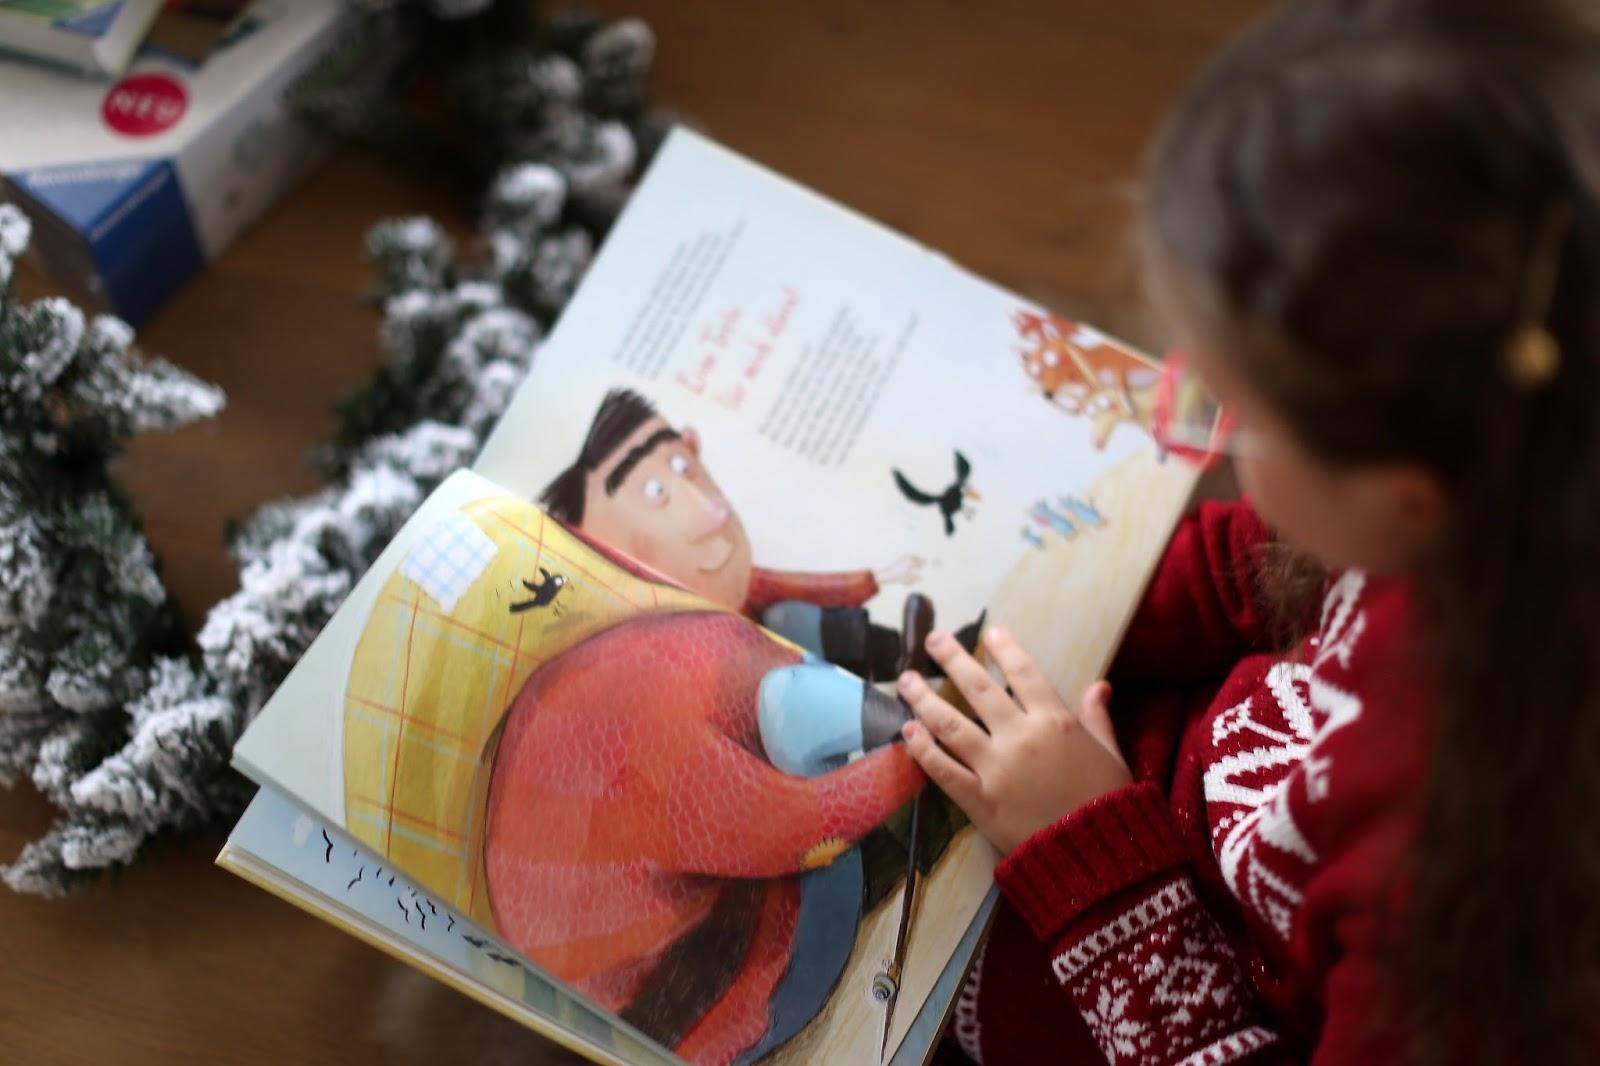 Schöne Weihnachtsgeschenke Für Die Ganze Familie.Weihnachts Roulette Schöne Weihnachtsgeschenke Von Ravensburger